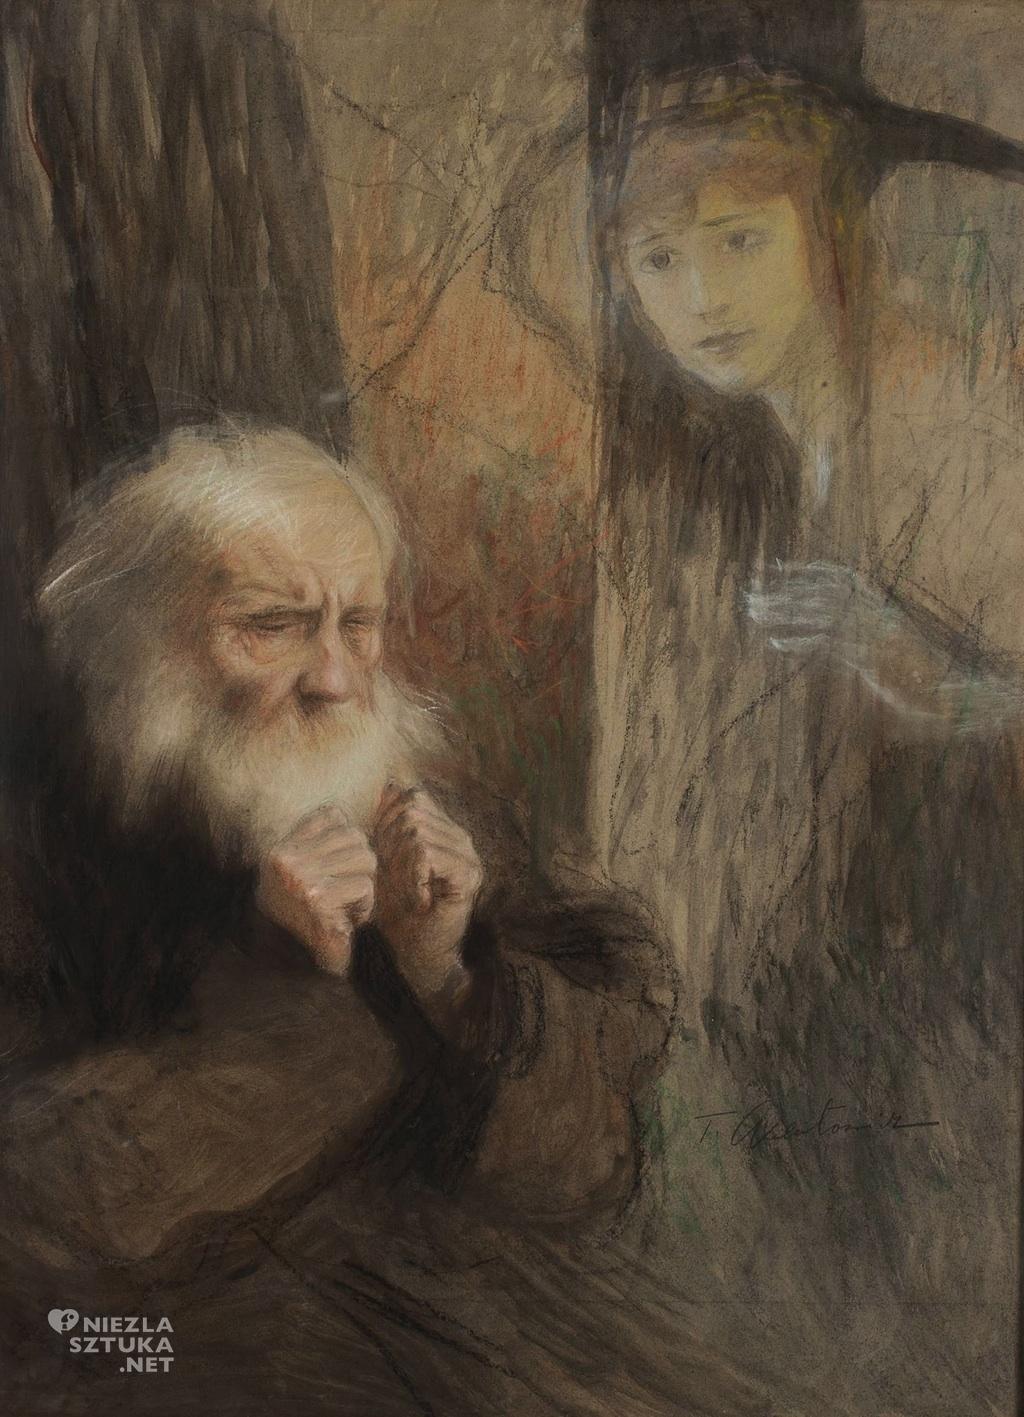 Teodor Axentowicz, Wizja - wspomnienie,